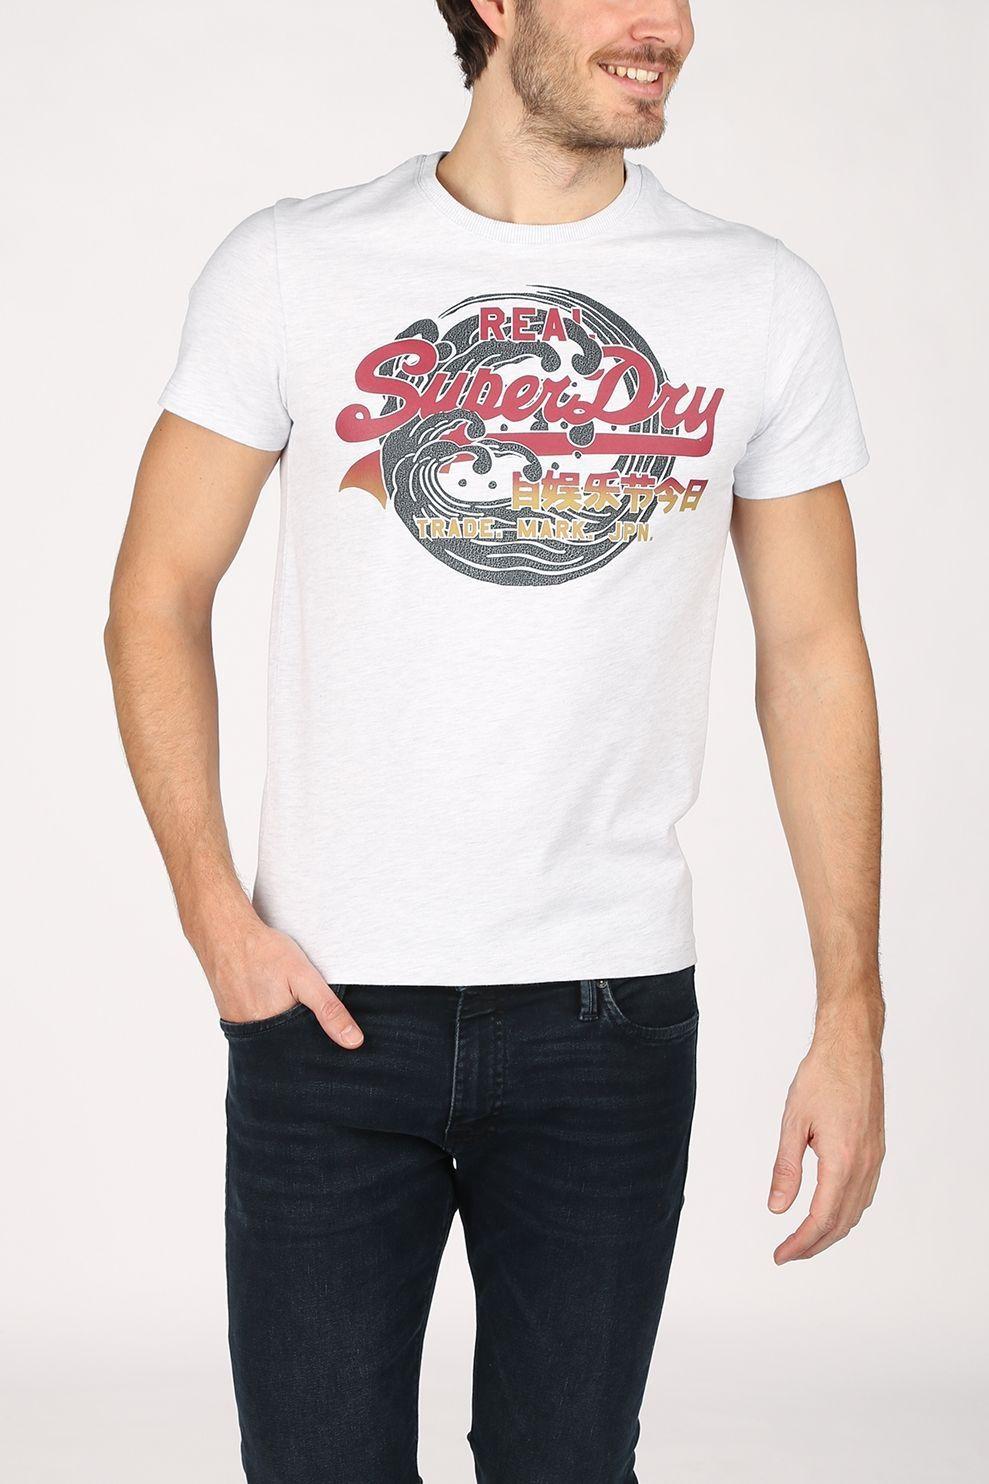 Superdry T-Shirt Vl Itago 220 voor heren - Grijs Mengeling - Maten: S, M, L, XL, XXL